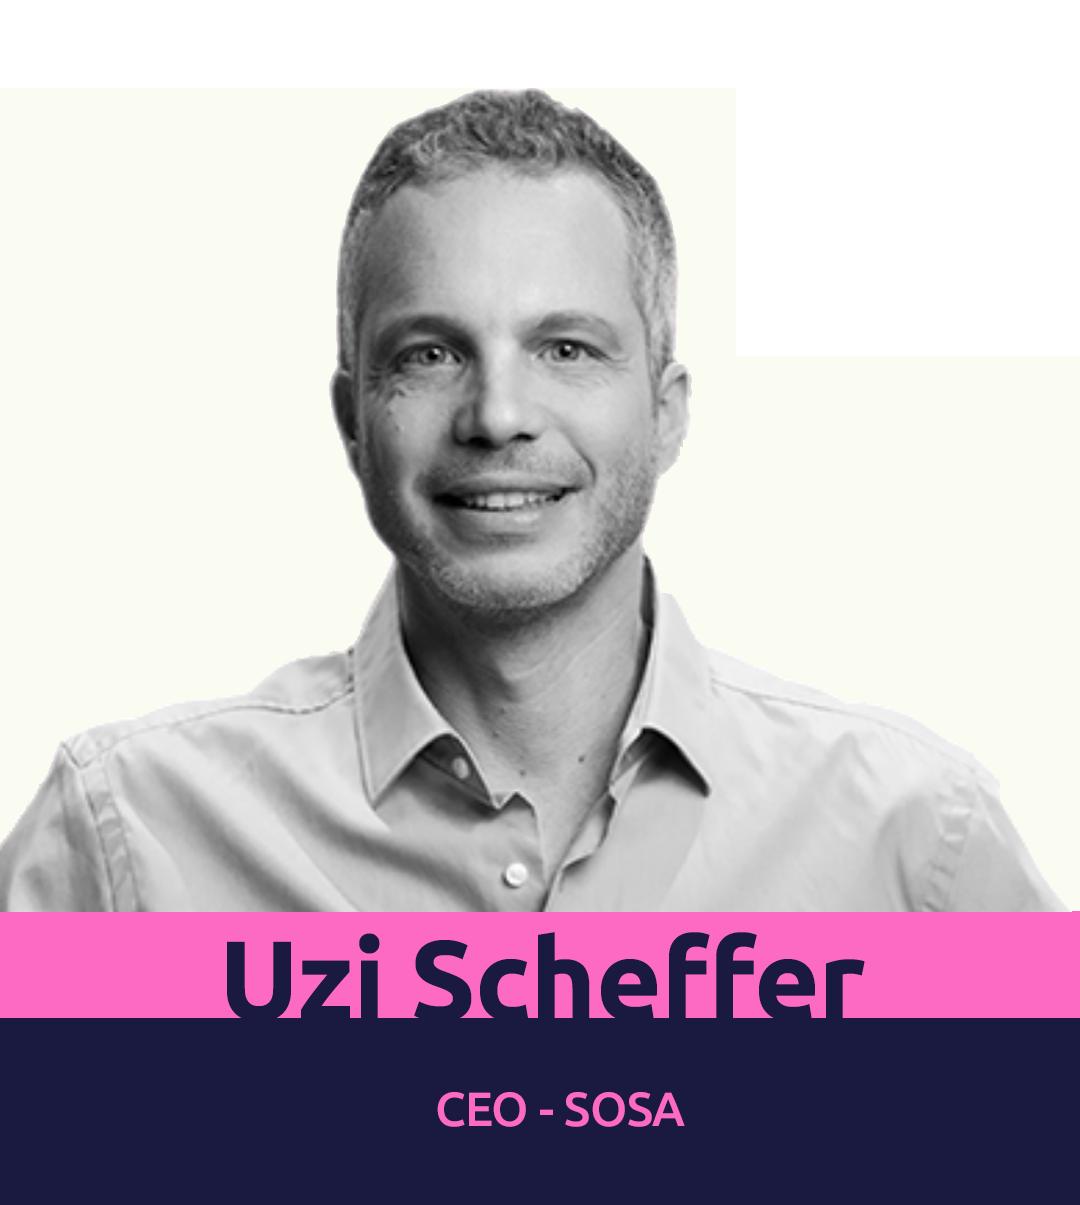 Uzi Scheffer